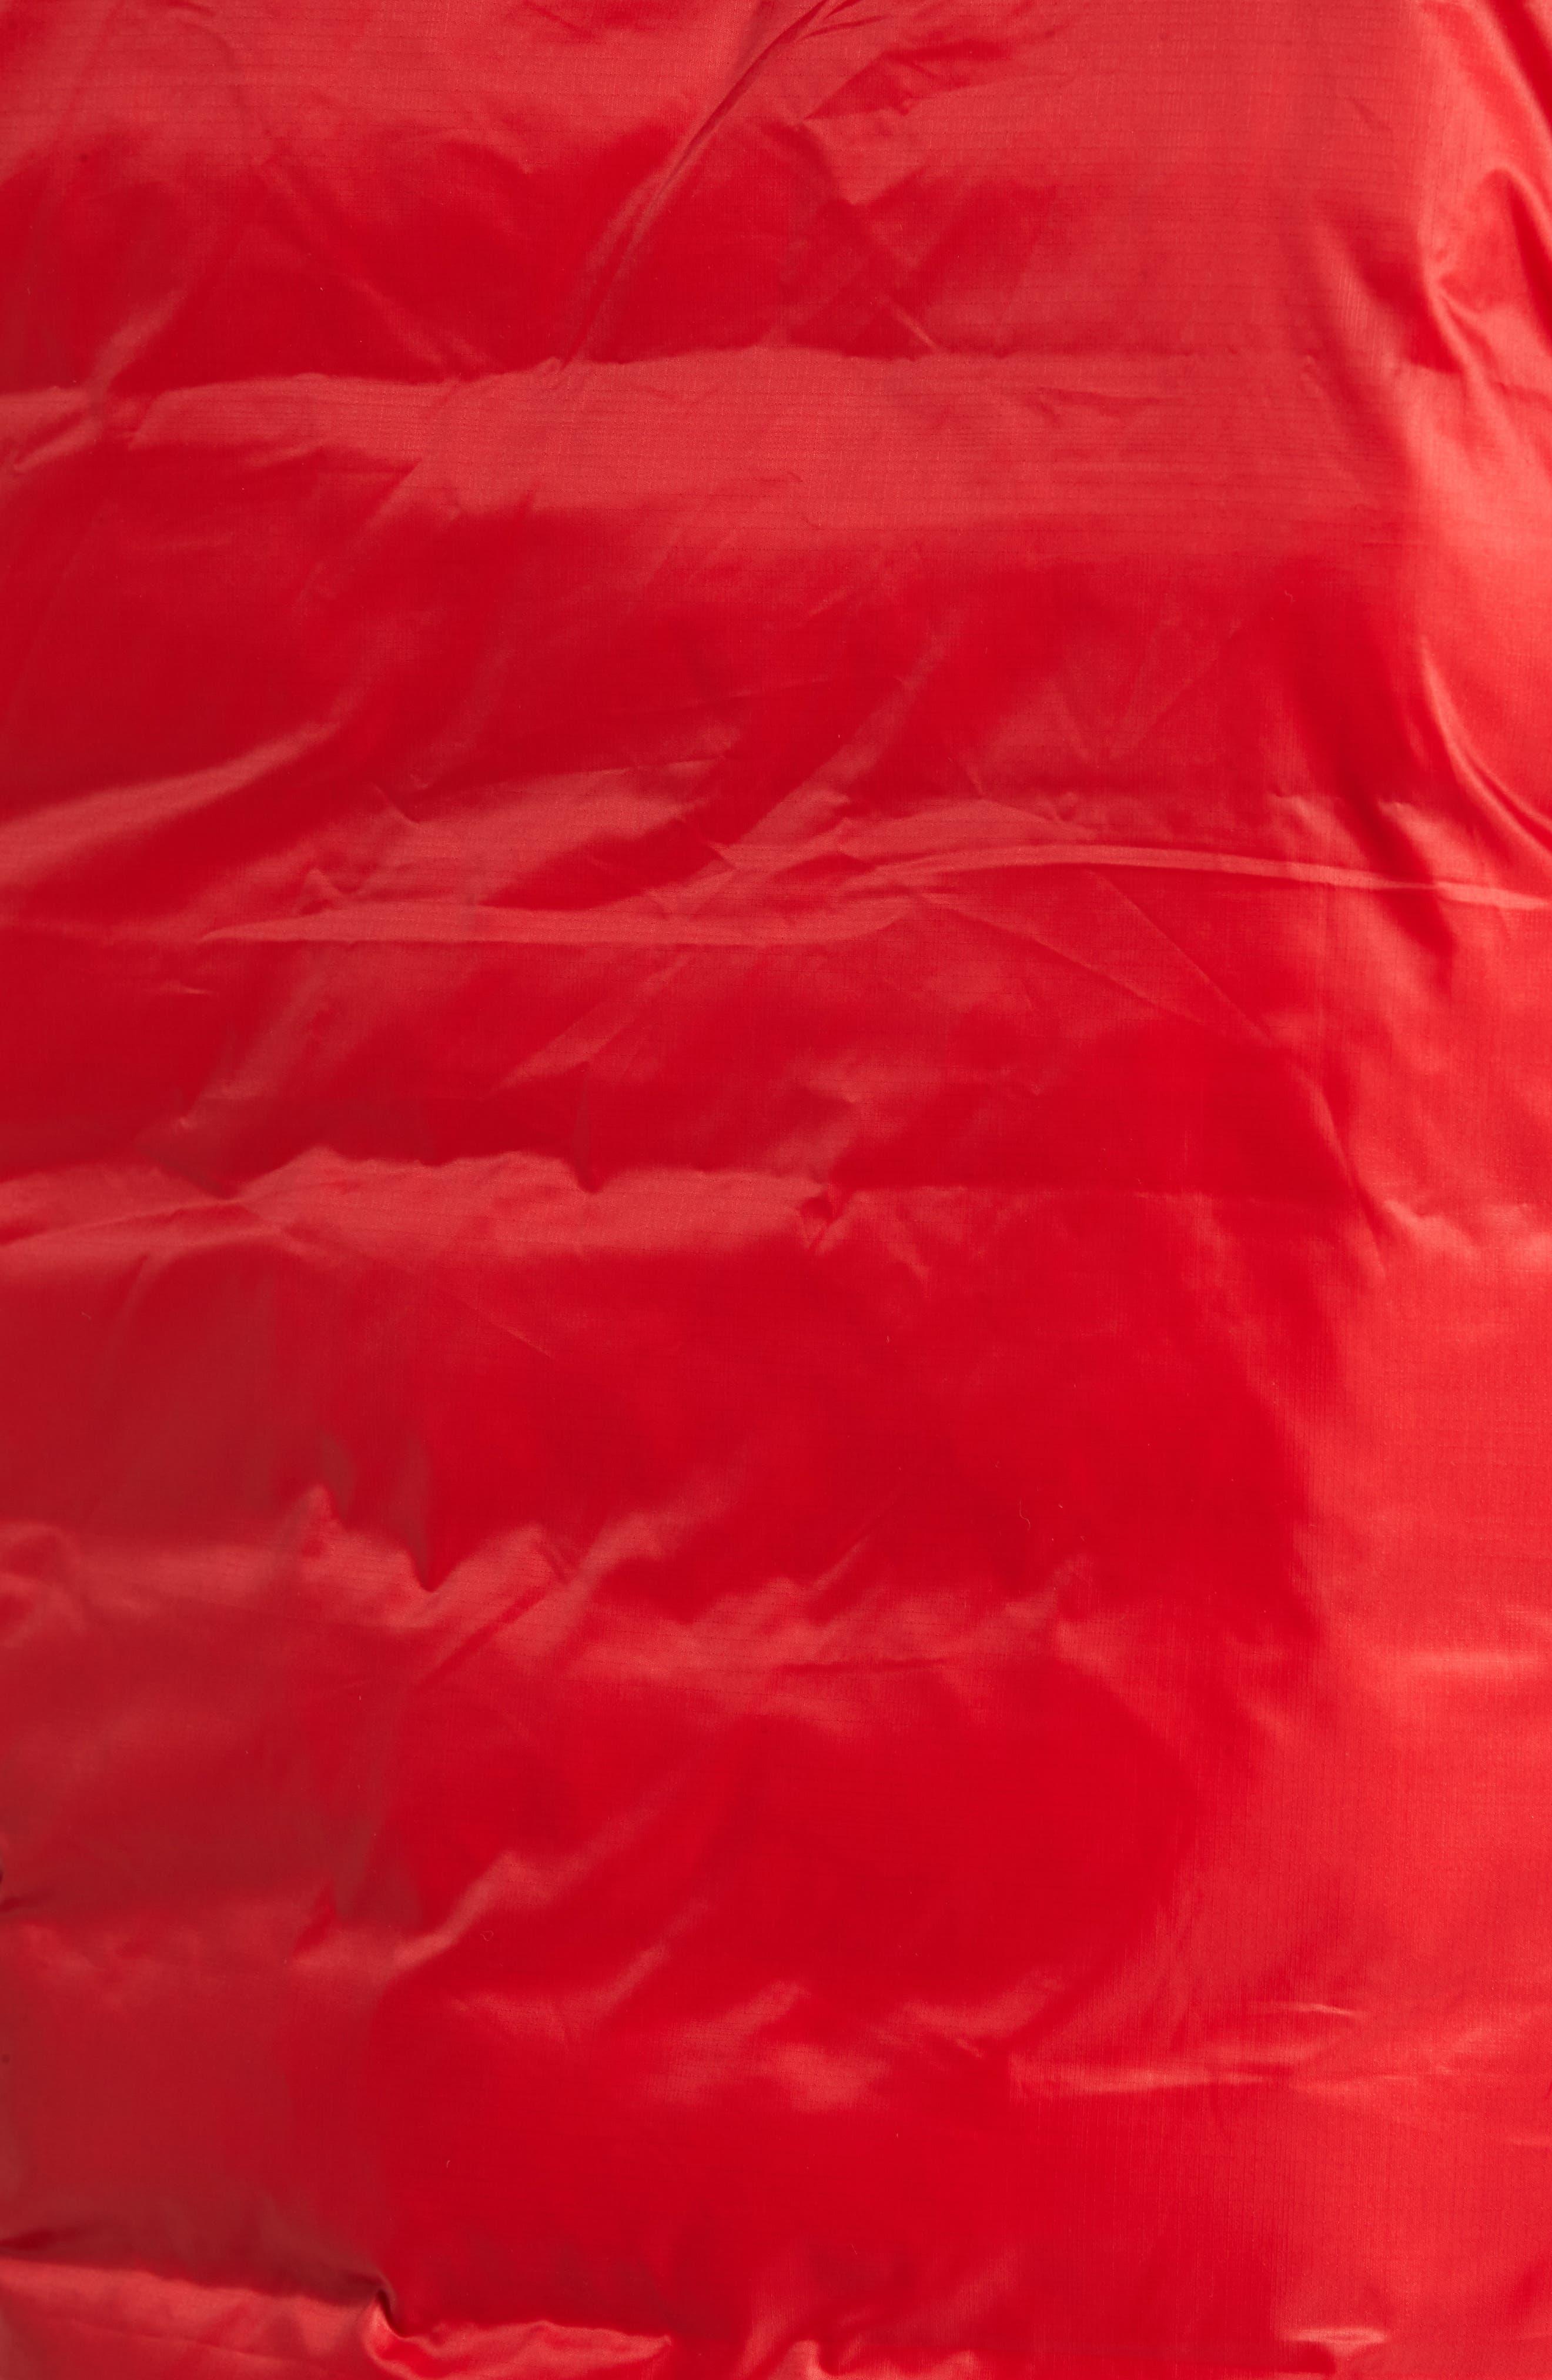 'Lodge' Slim Fit Packable Hoodie,                             Alternate thumbnail 6, color,                             Red/ Black